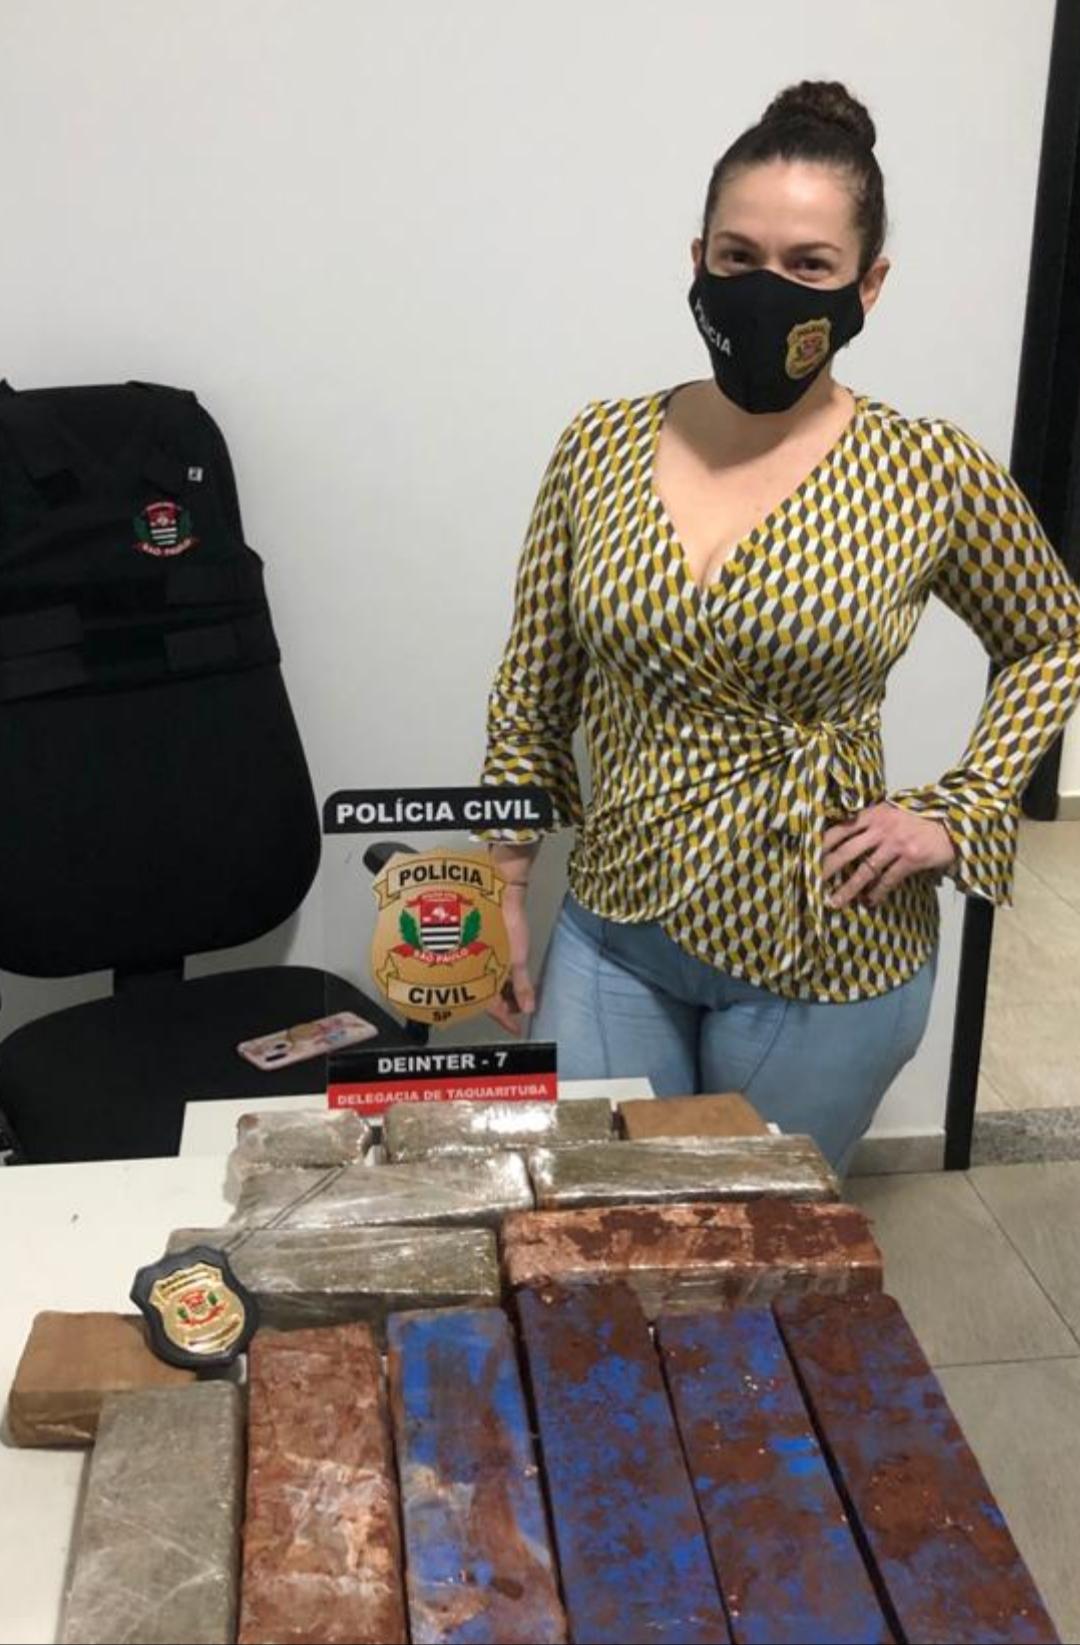 Polícia Civil de Taquarituba apreende 13 kg de maconha, além de crack e cocaína